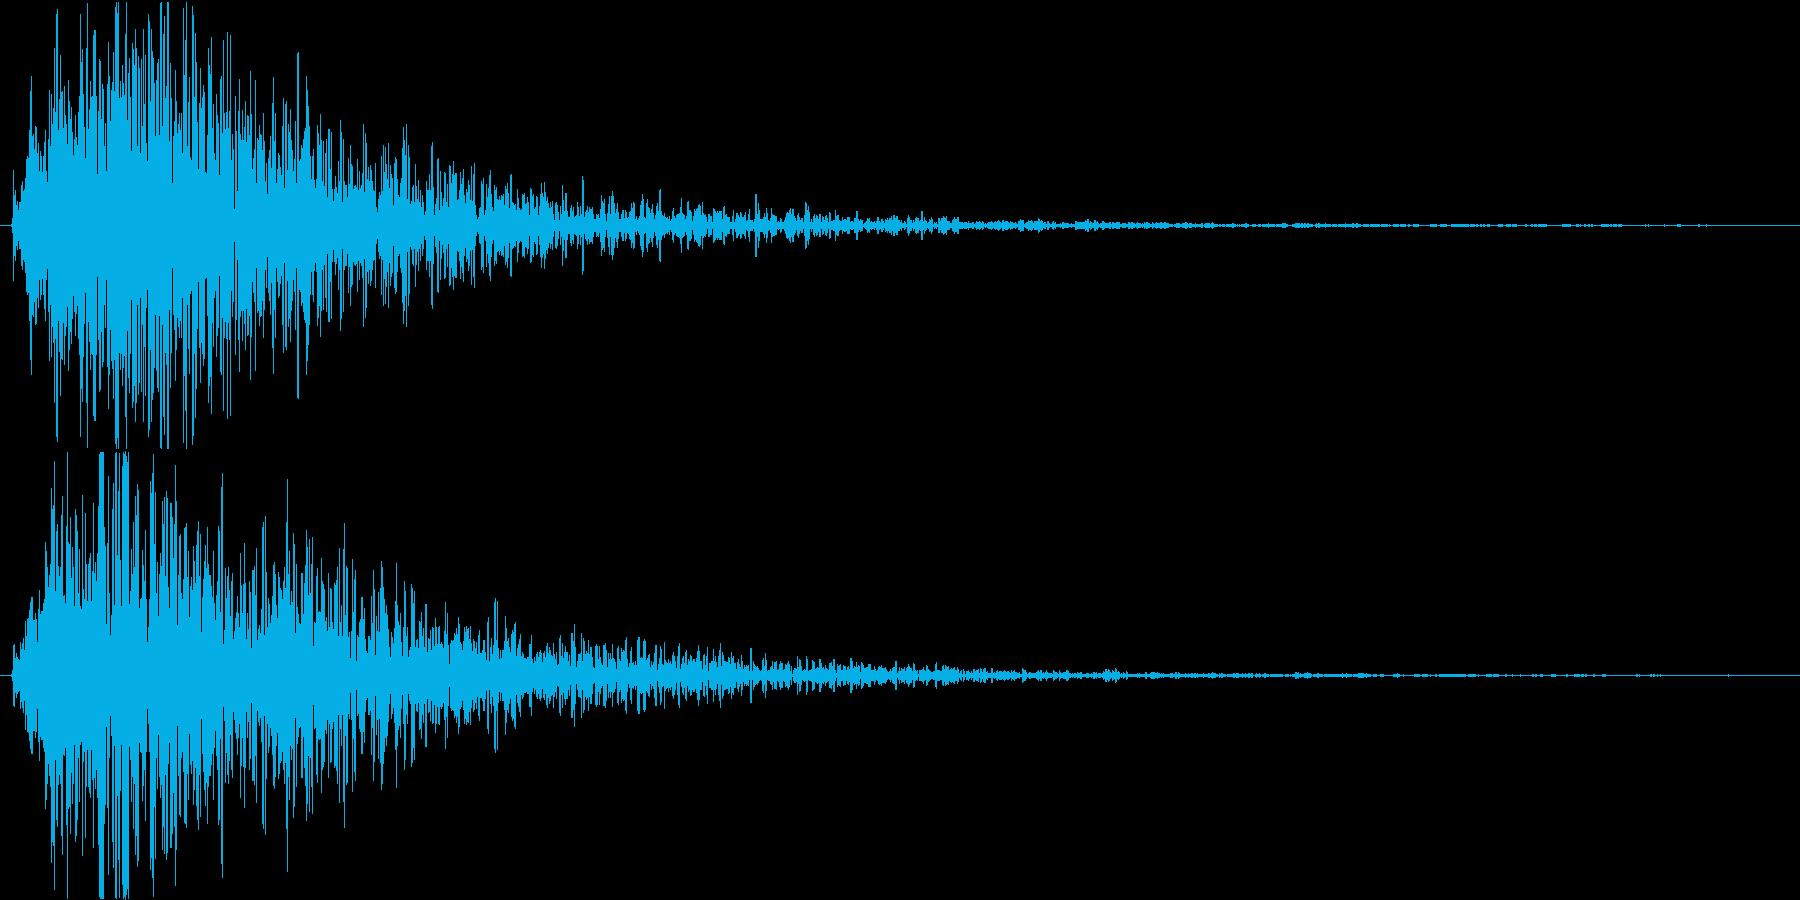 ホラー番組のテロップSEの再生済みの波形